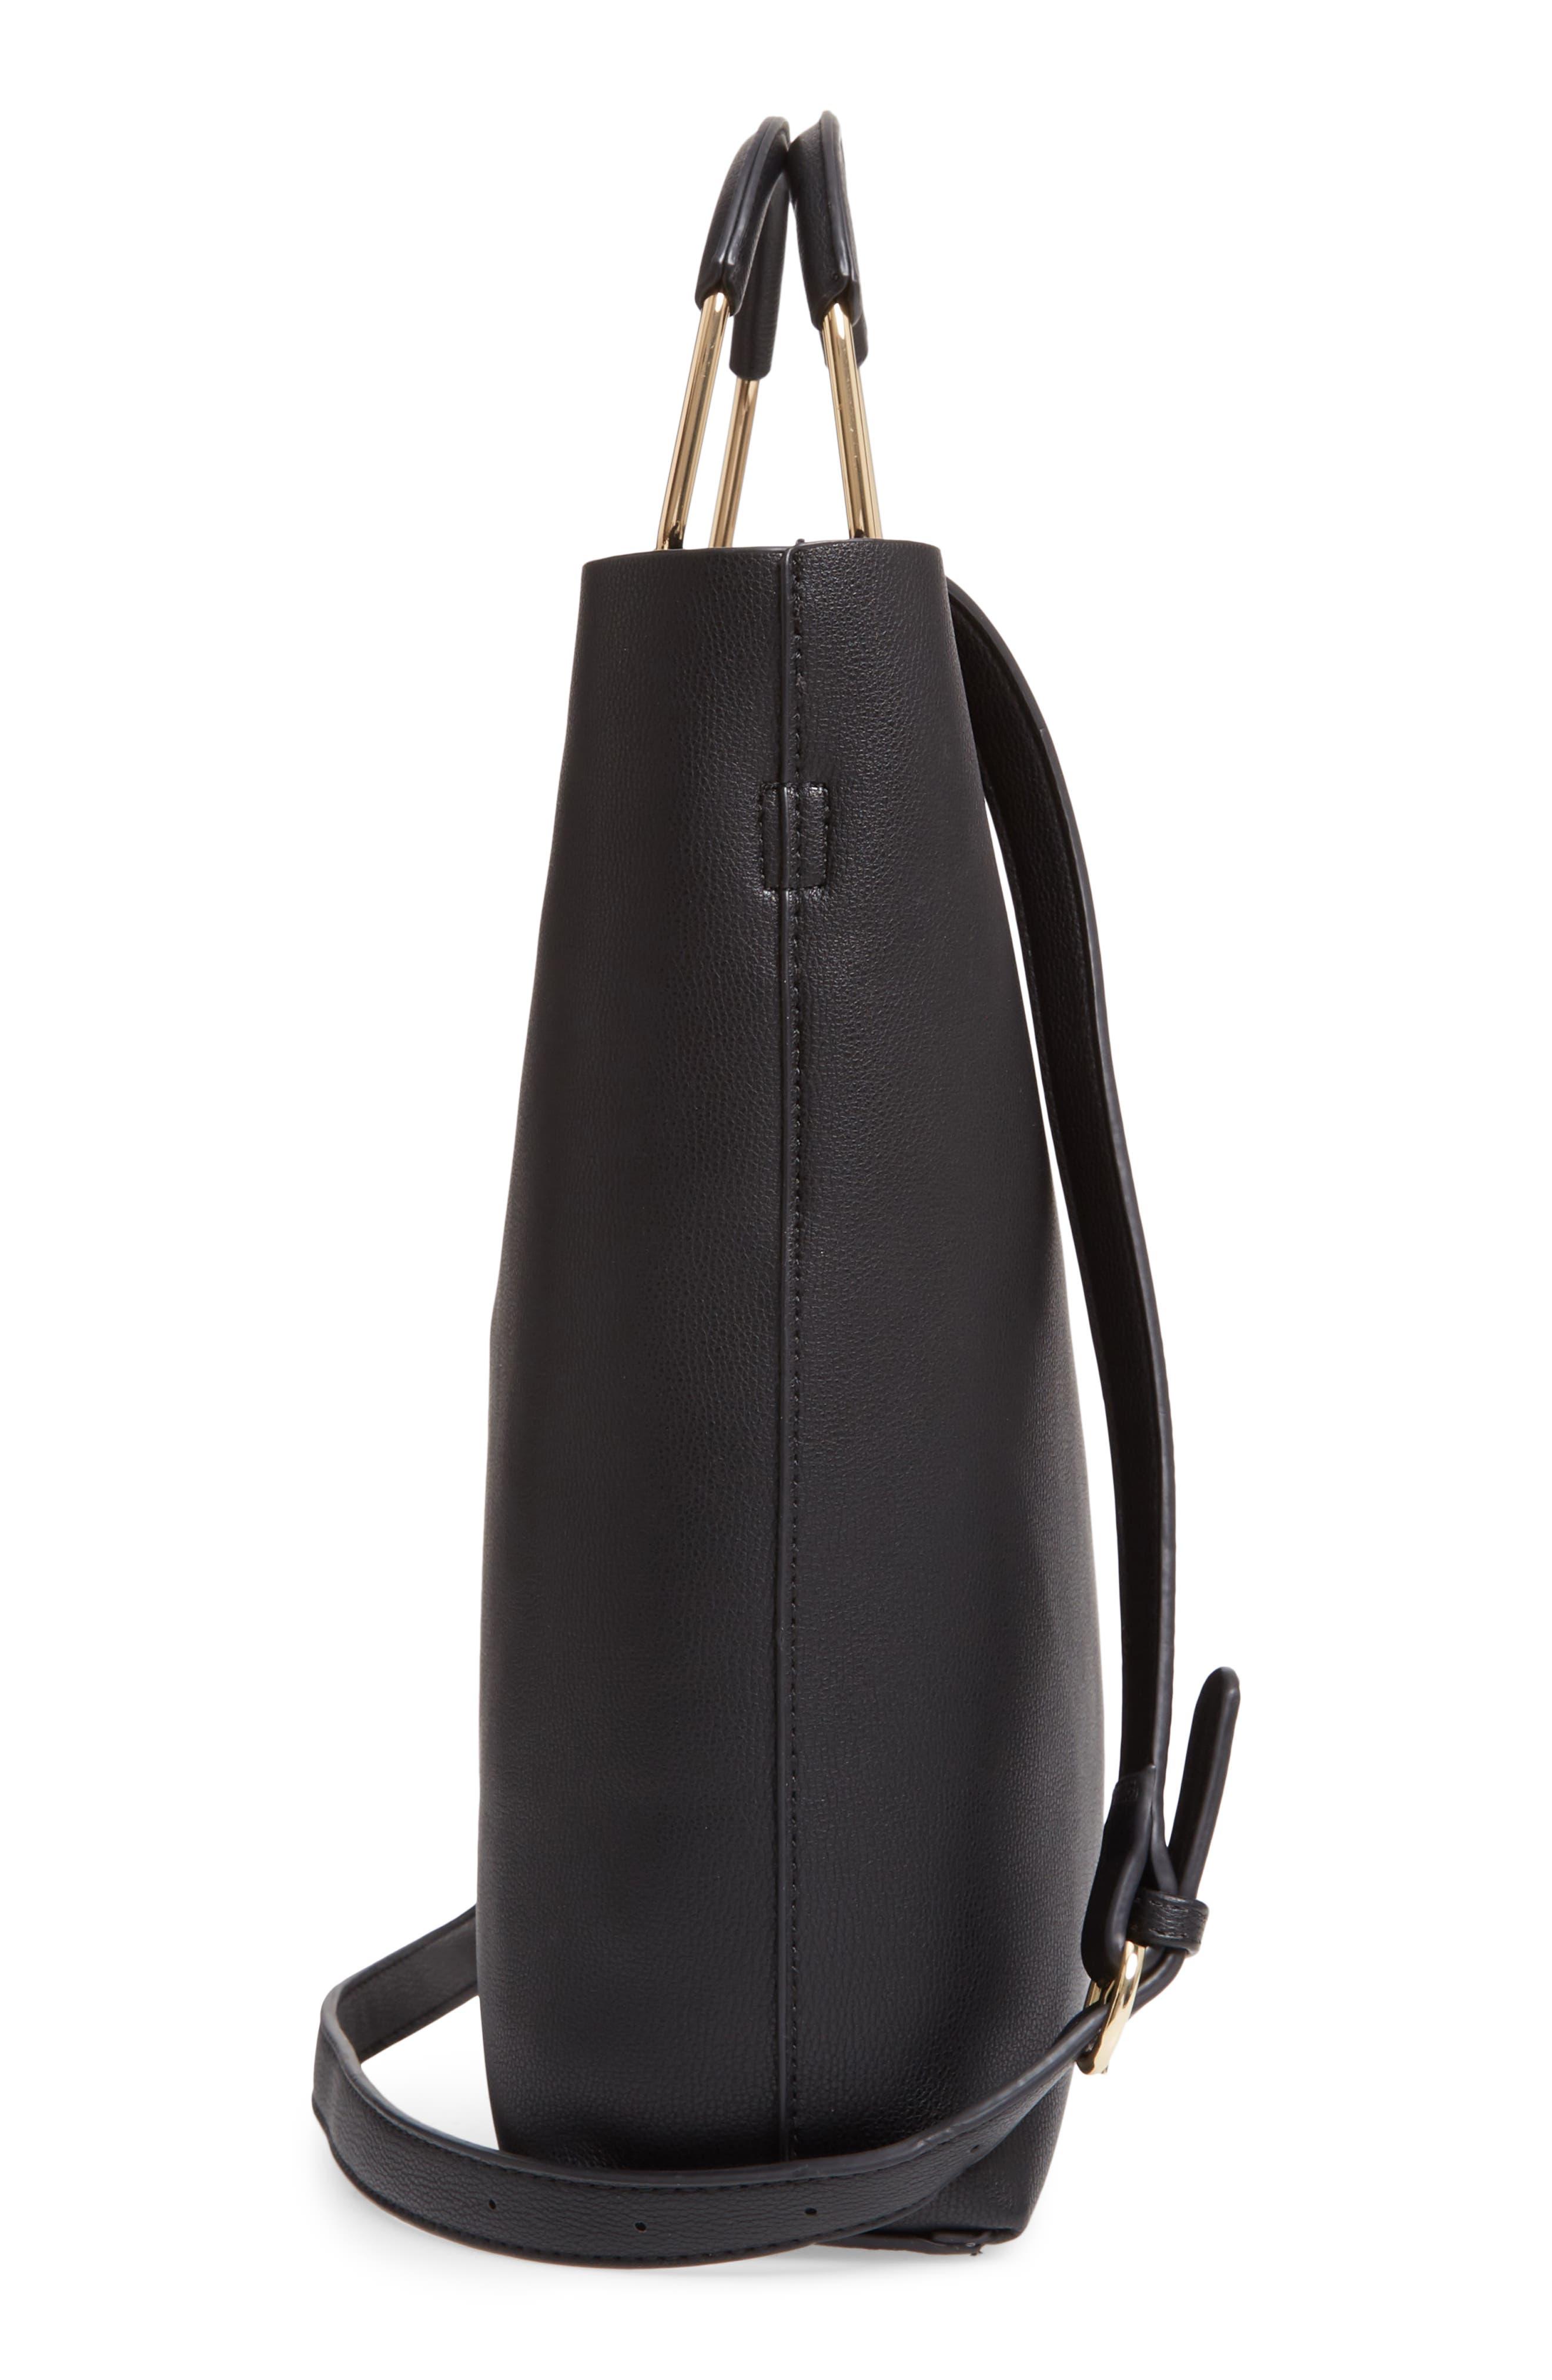 TROUVÉ, Payton Convertible Faux Leather Tote, Alternate thumbnail 5, color, BLACK